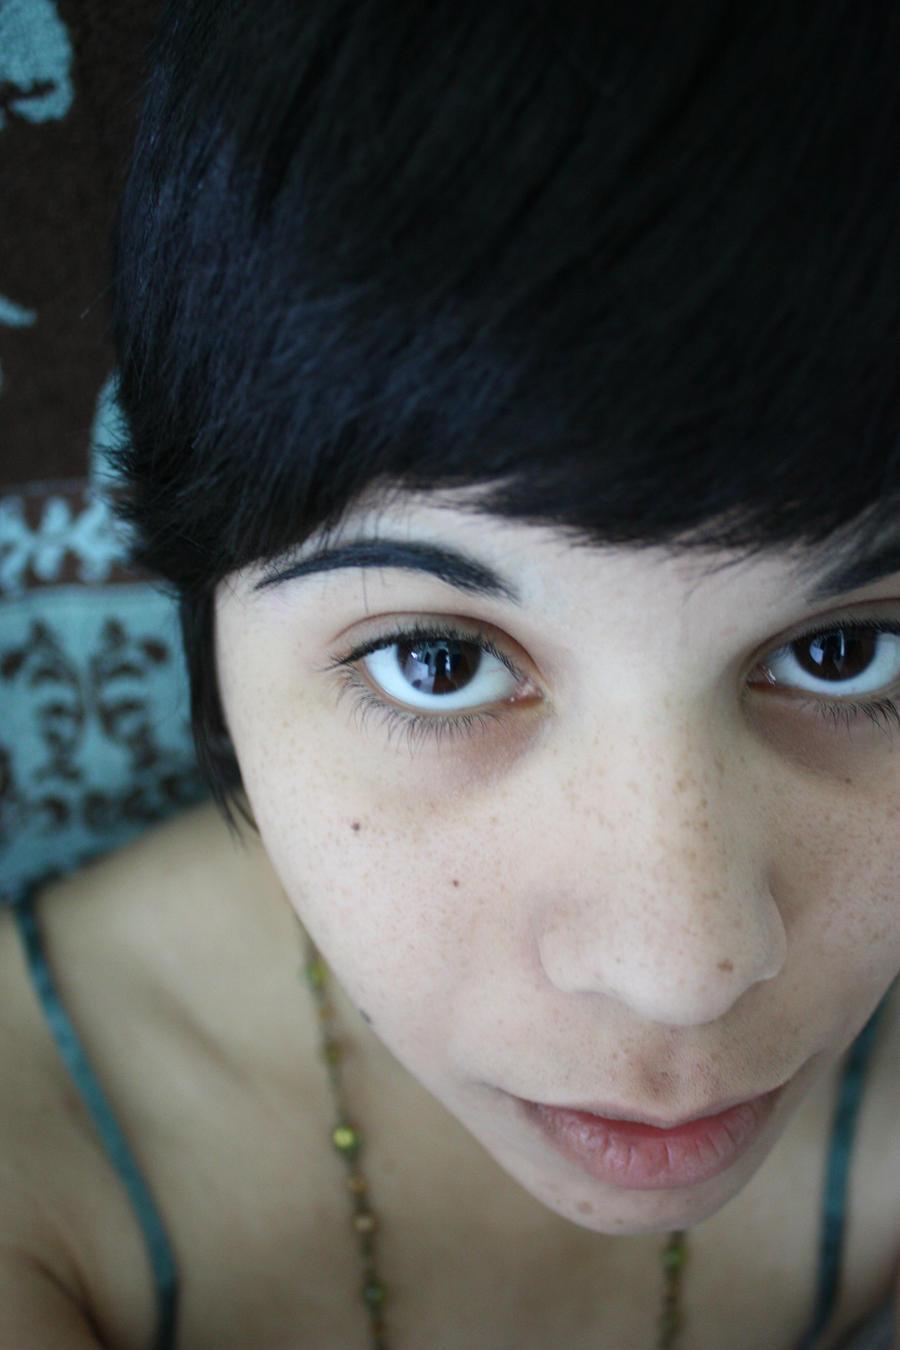 Nana-de-Pucho-Dana's Profile Picture